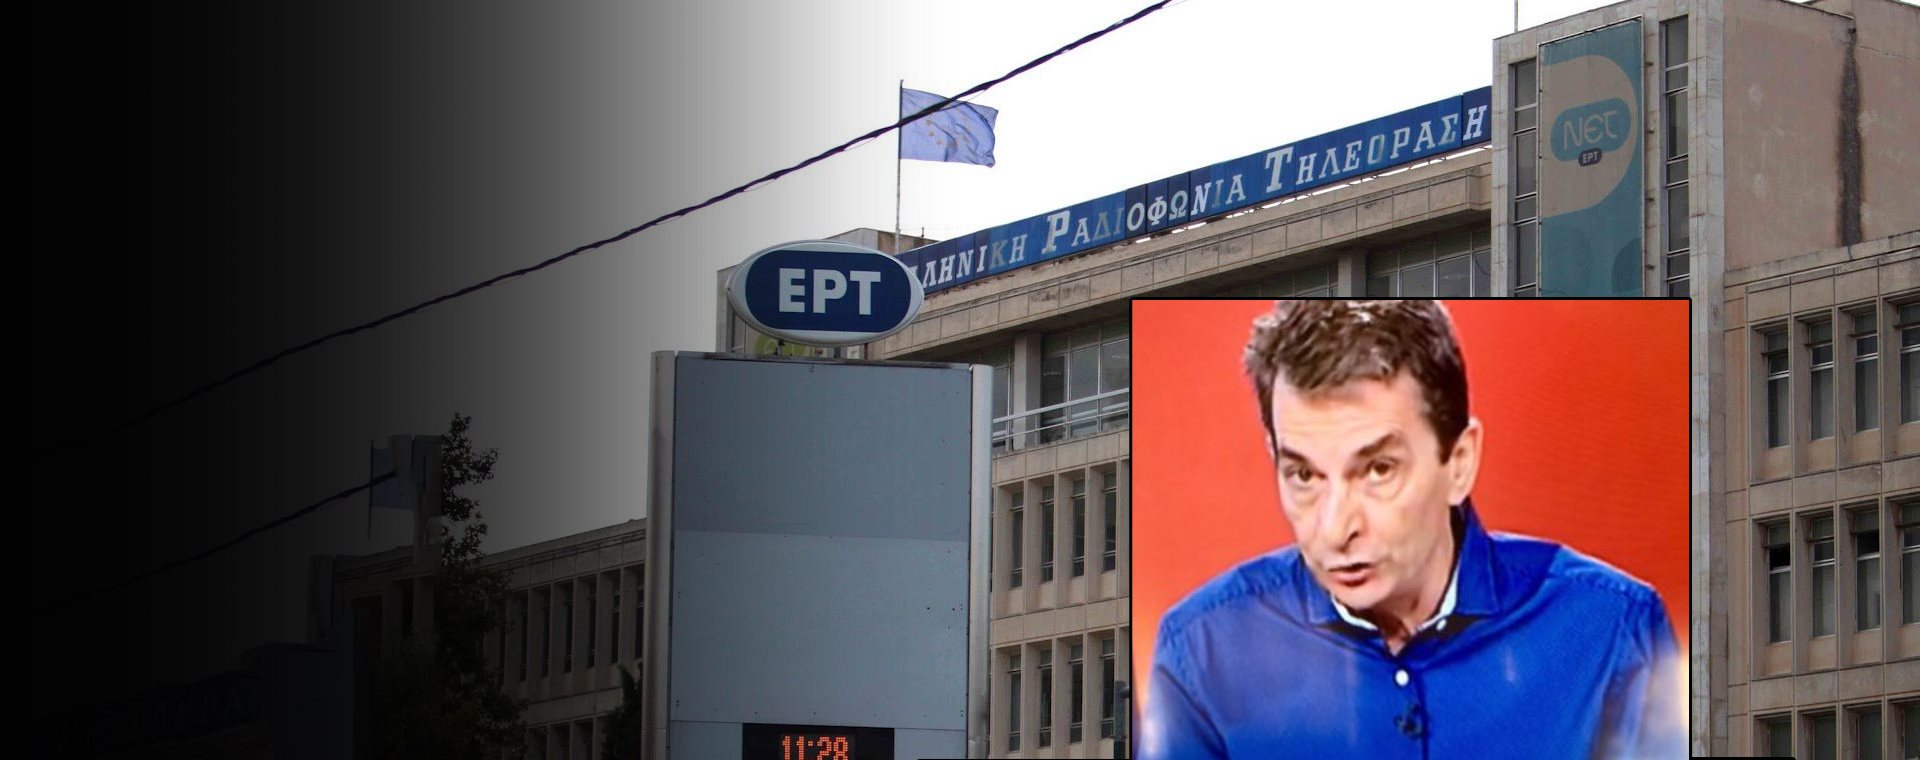 Πρώτο Θέμα - ειδήσεις από την Ελλάδα και όλο τον κόσμο - Έκτακτη επικαιρότητα